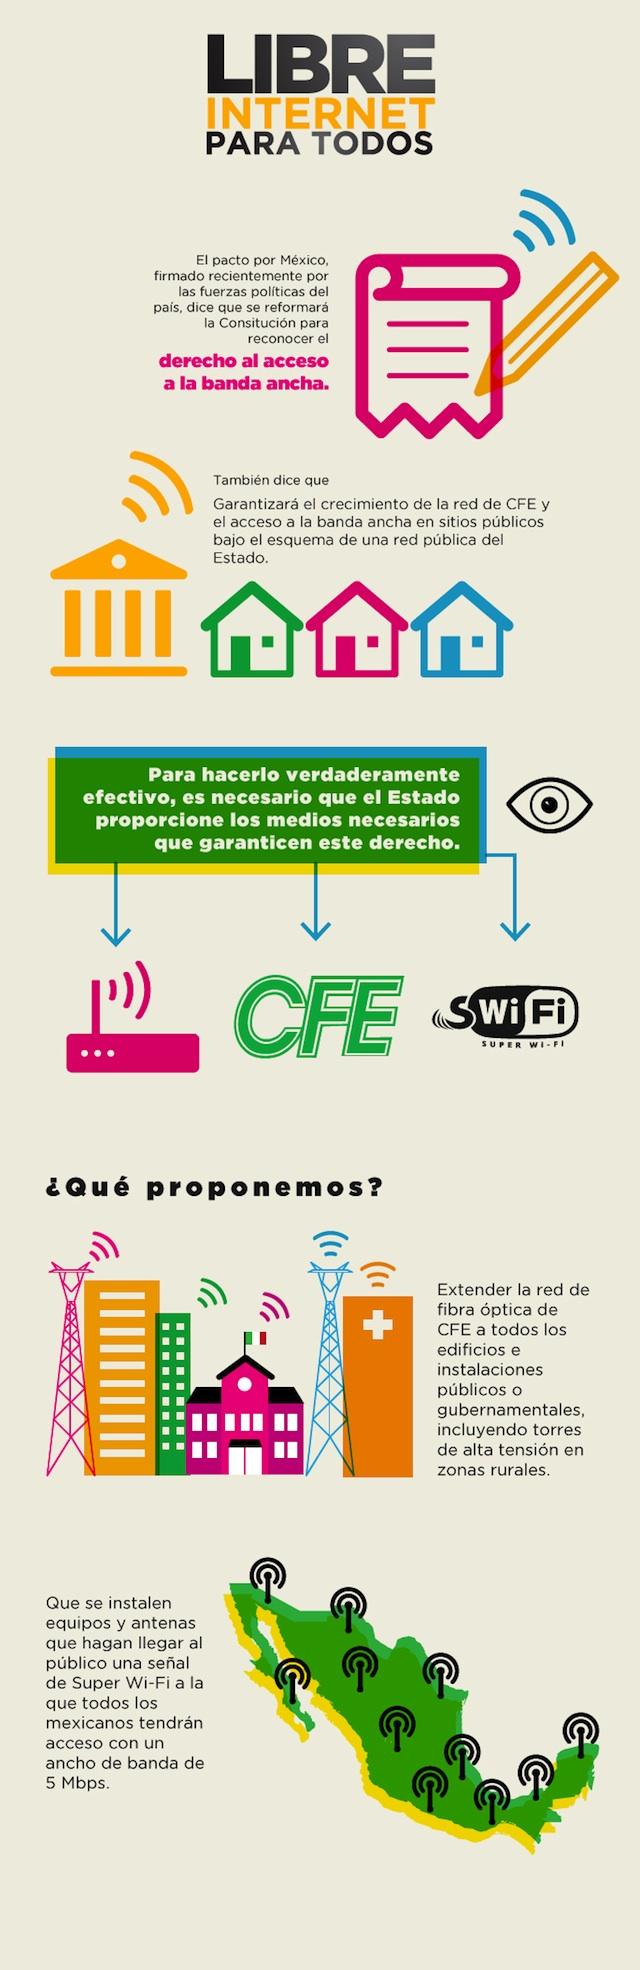 Internet para todos - Infografía